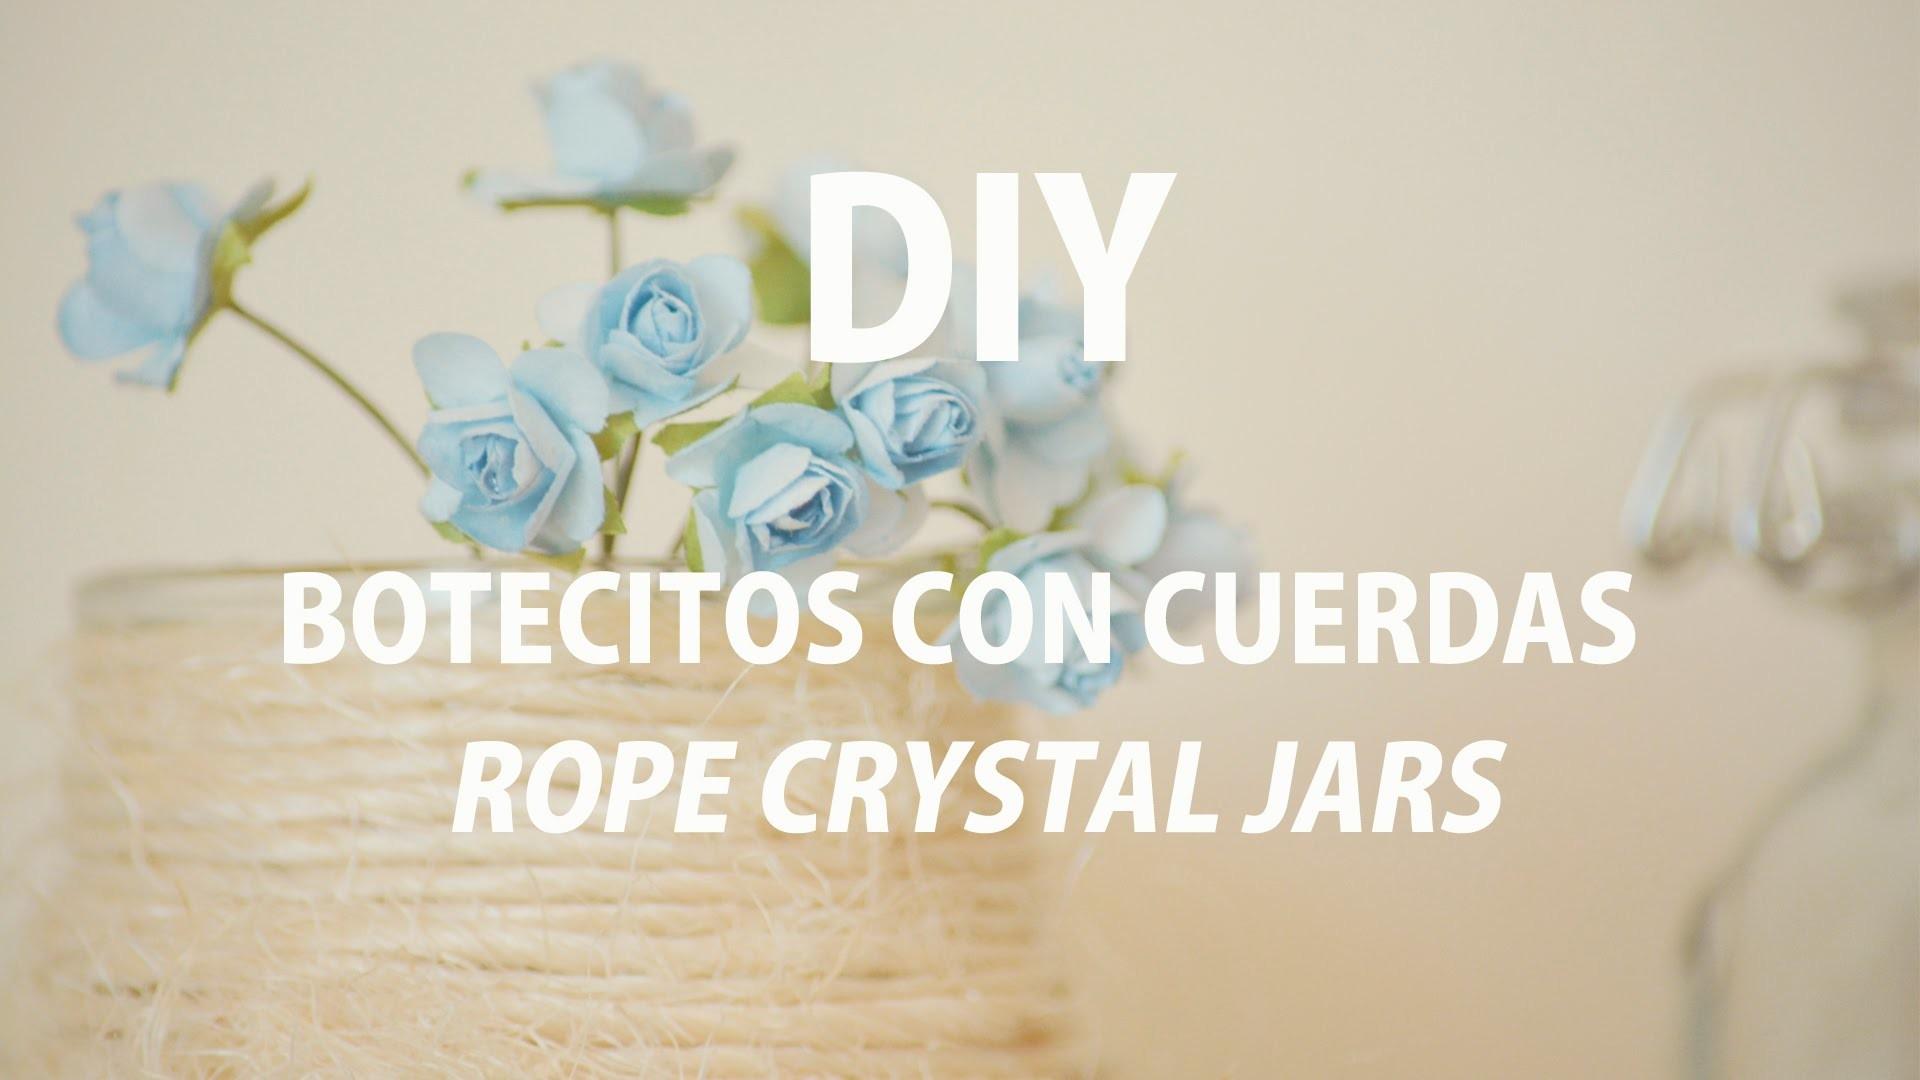 DIY #1: BOTES DE CRISTAL DECORADOS CON CUERDAS